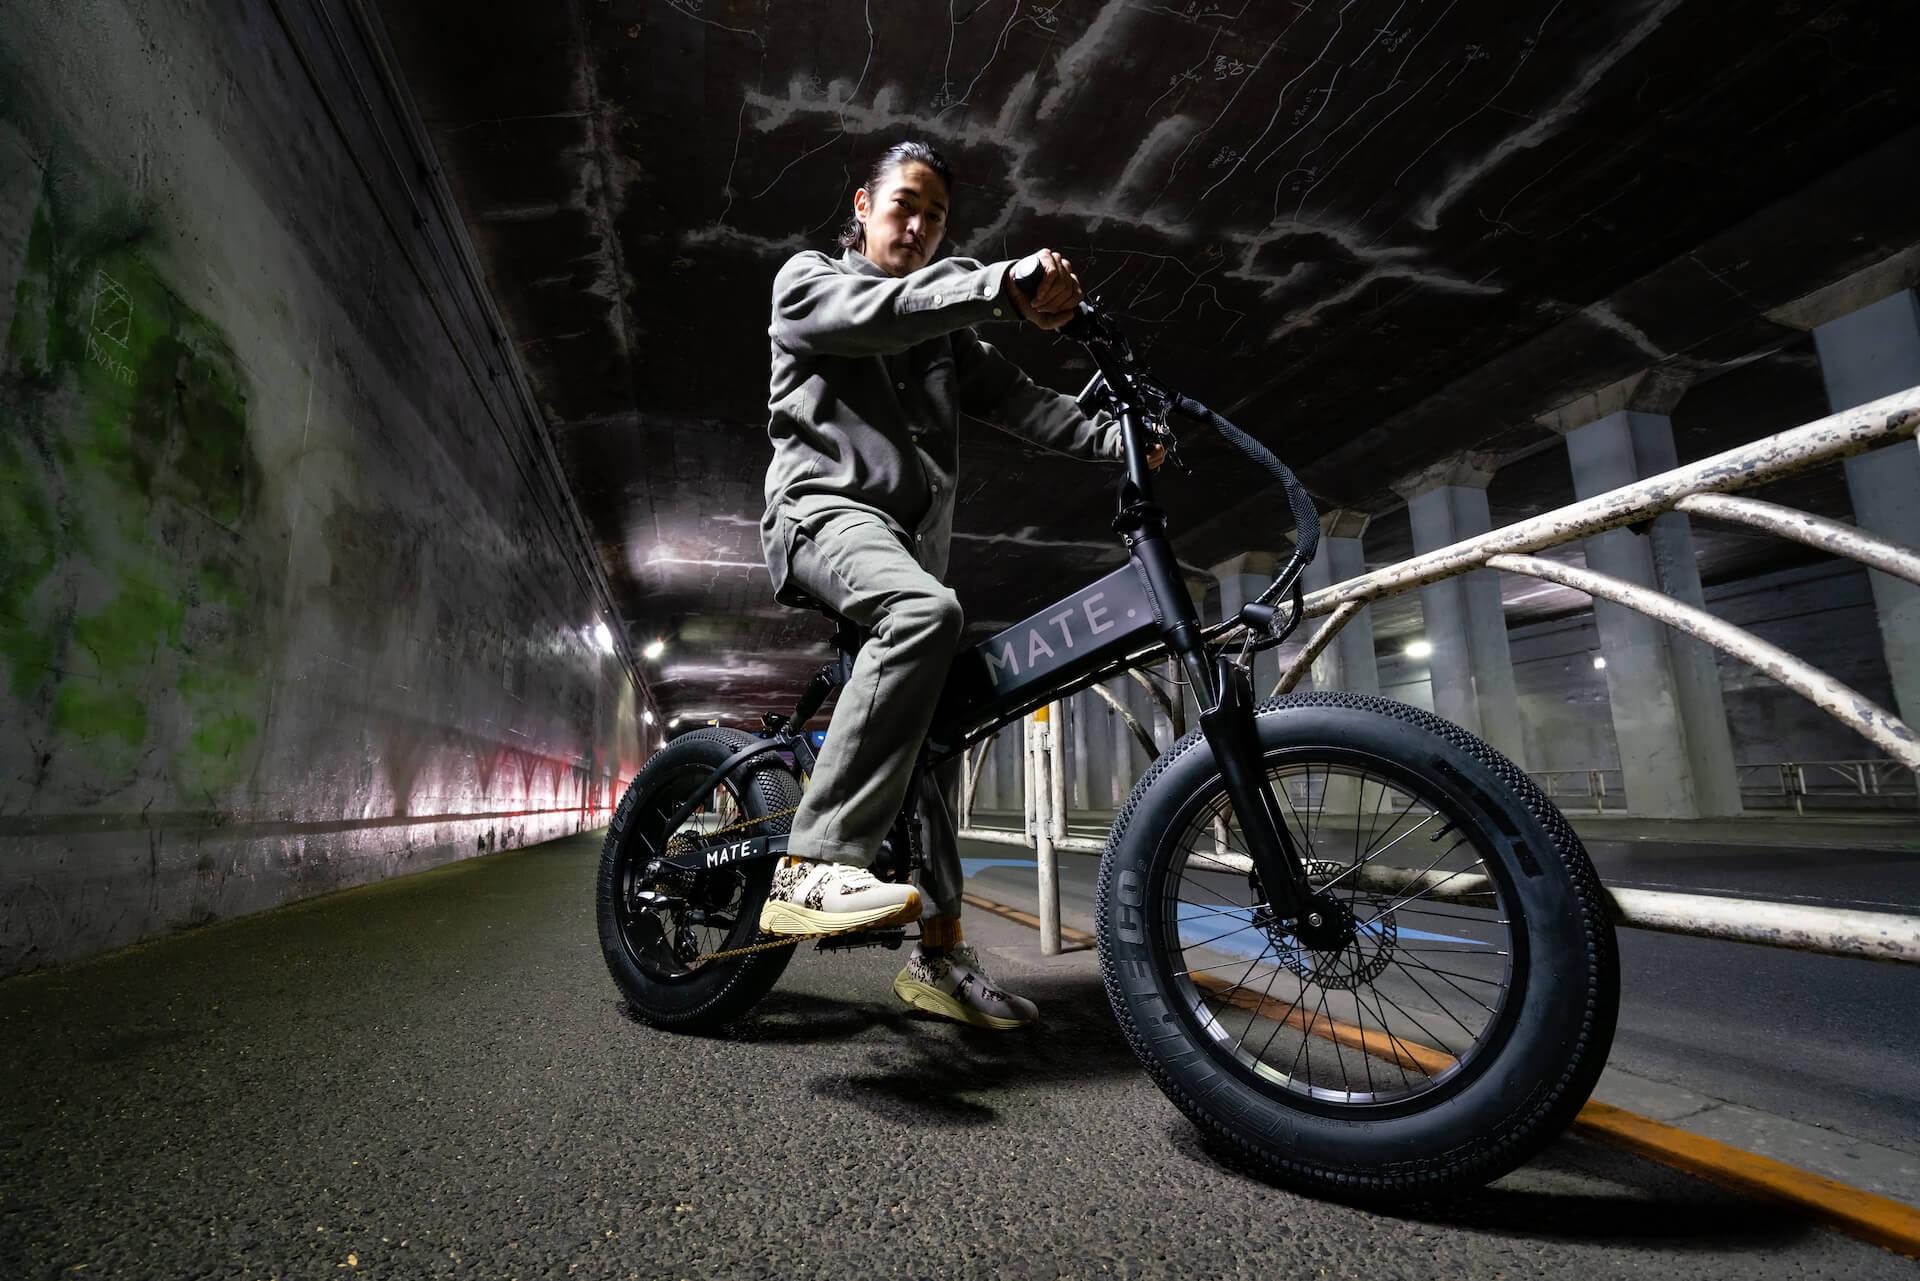 電動自転車ブランド「MATE. BIKE」世界初の旗艦店が恵比寿にオープン!窪塚洋介がジャパンアンバサダーに就任 tech210331_mate_bike_2